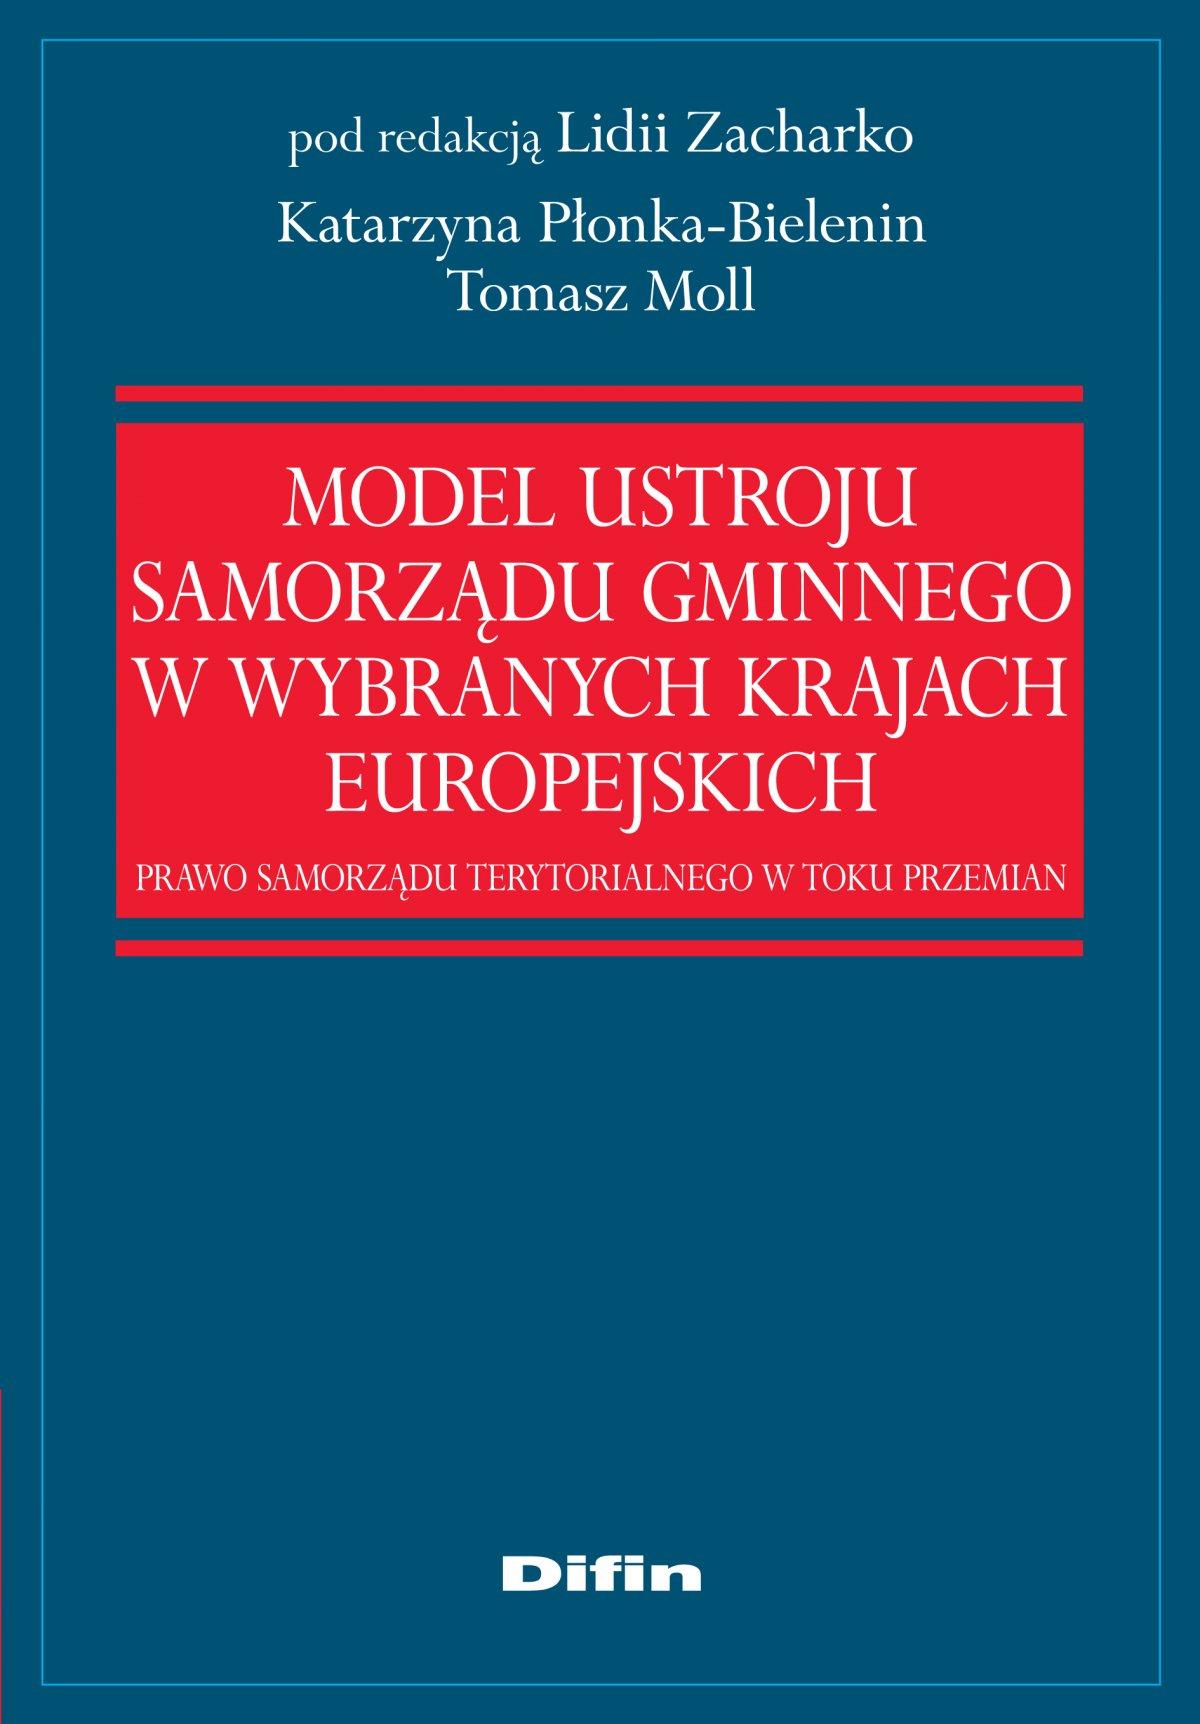 Model ustroju samorządu gminnego w wybranych krajach europejskich. Prawo samorządu terytorialnego w toku przemian - Ebook (Książka na Kindle) do pobrania w formacie MOBI